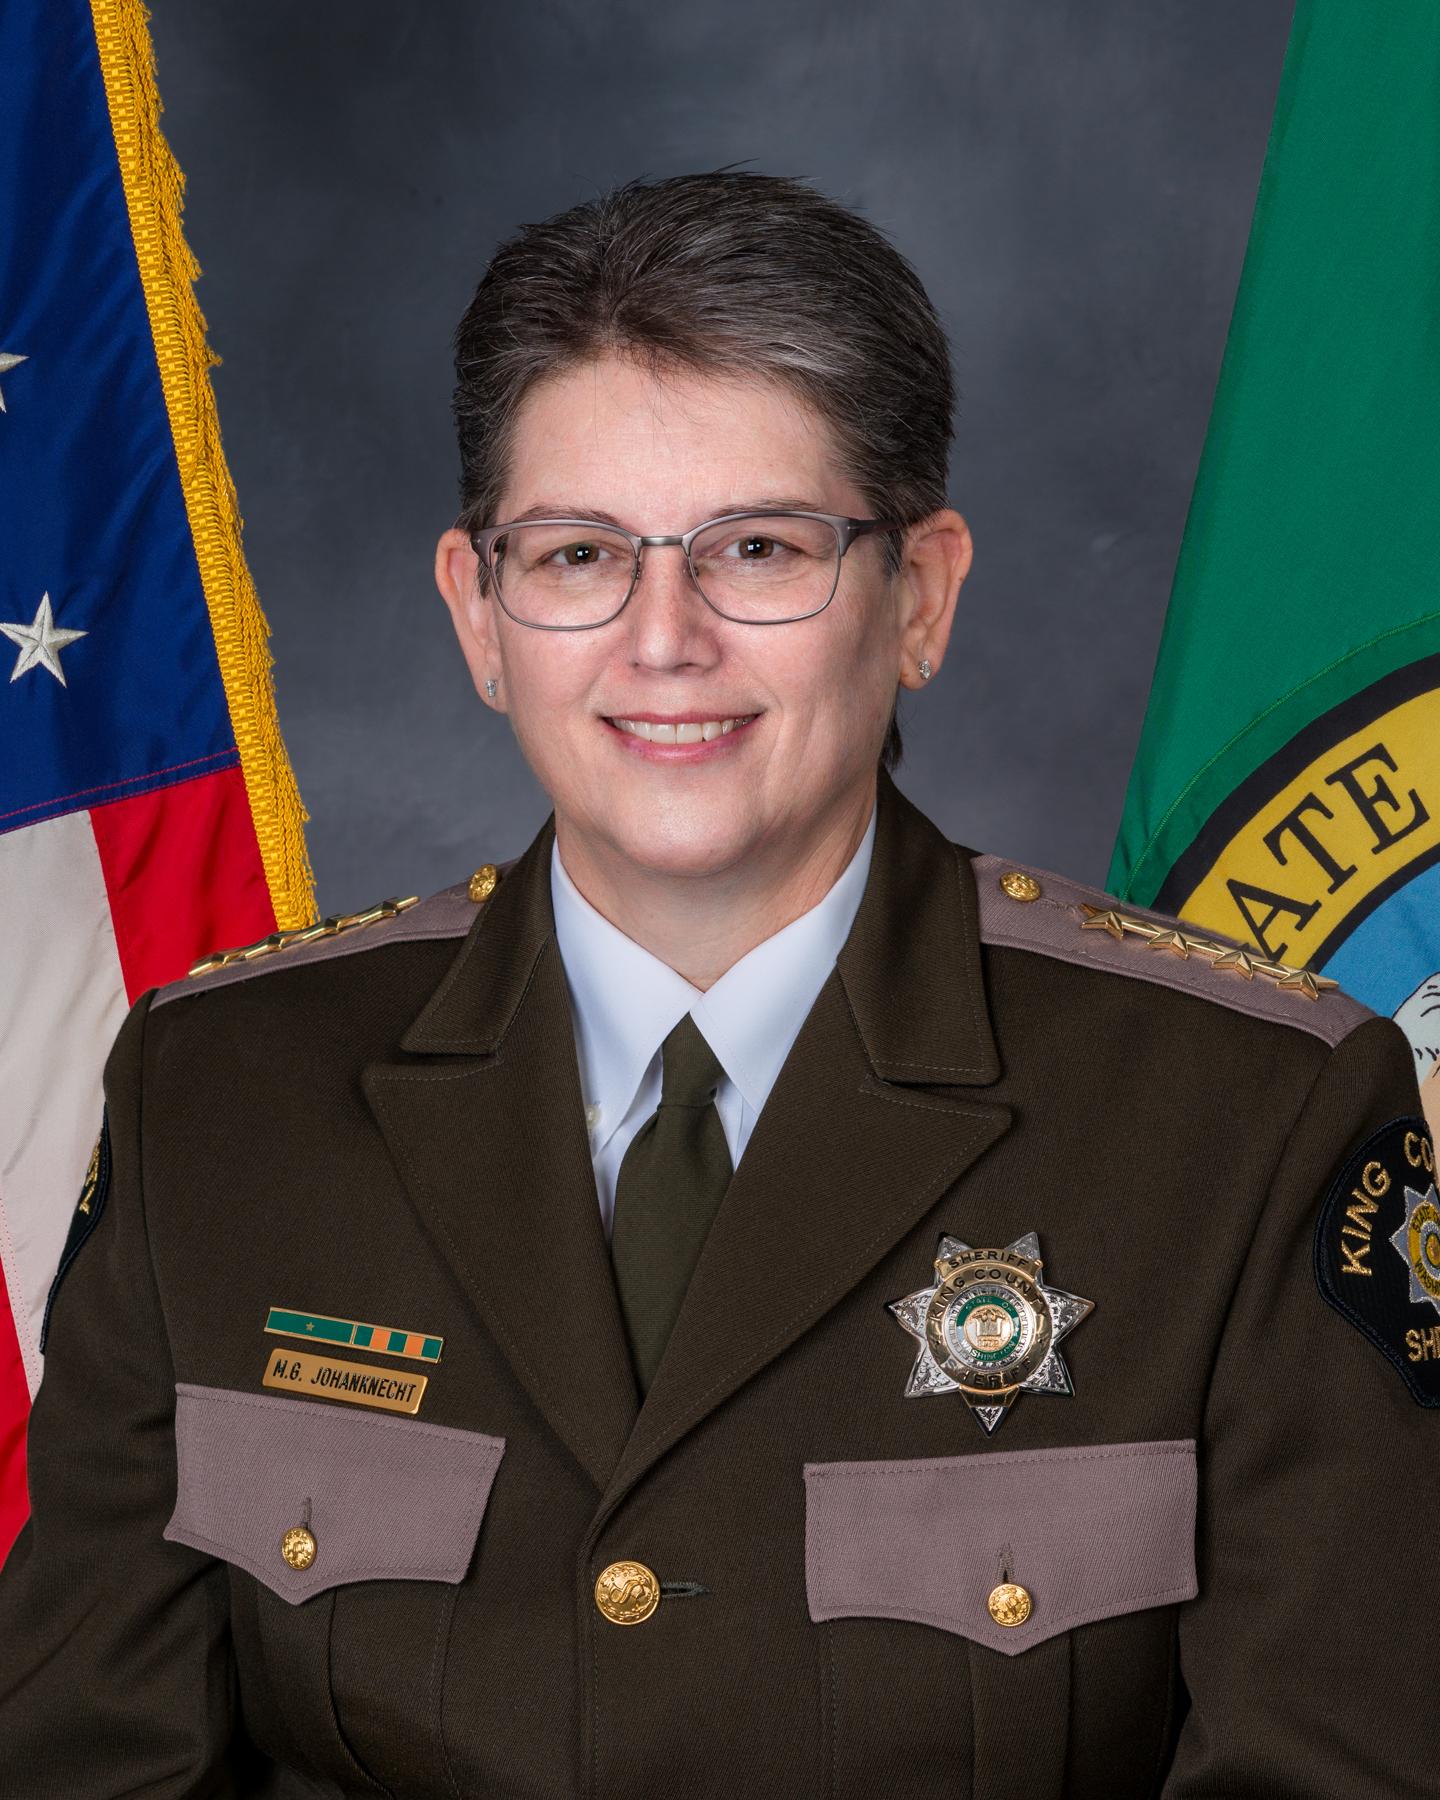 Sheriff Johanknecht